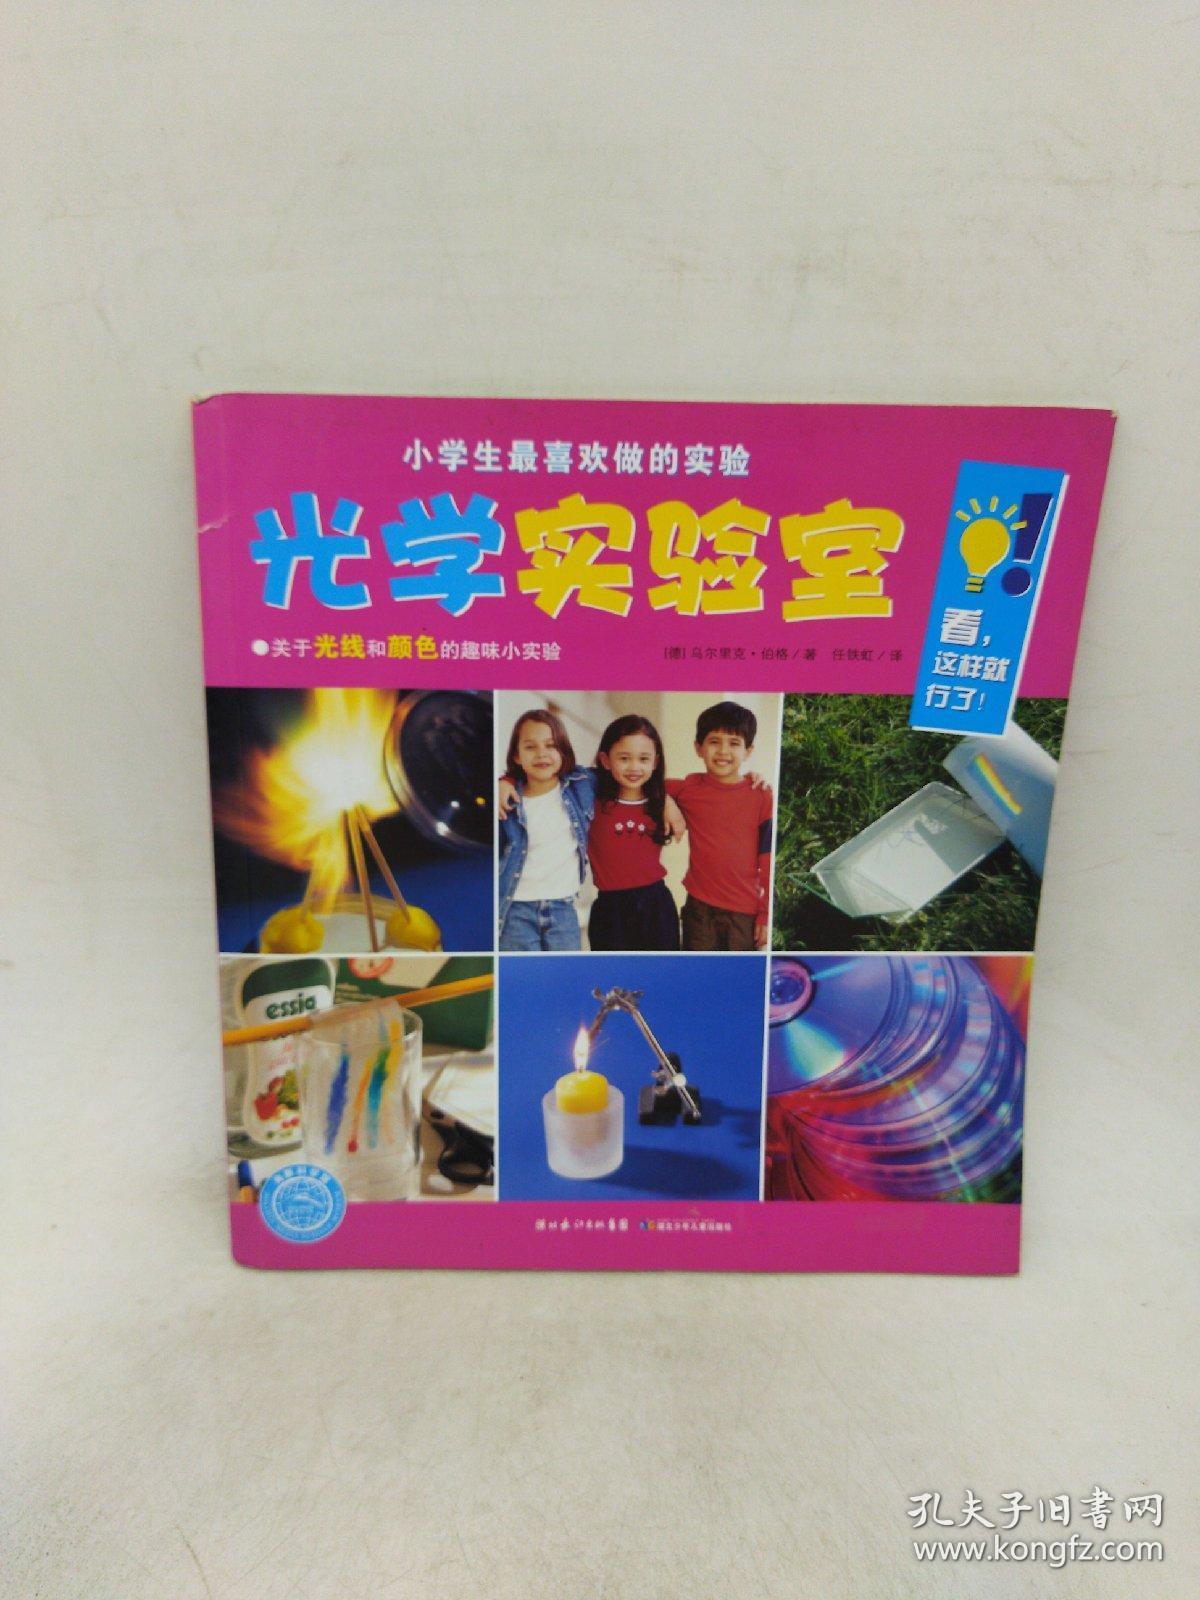 小学生最喜欢做的实验:光学实验室